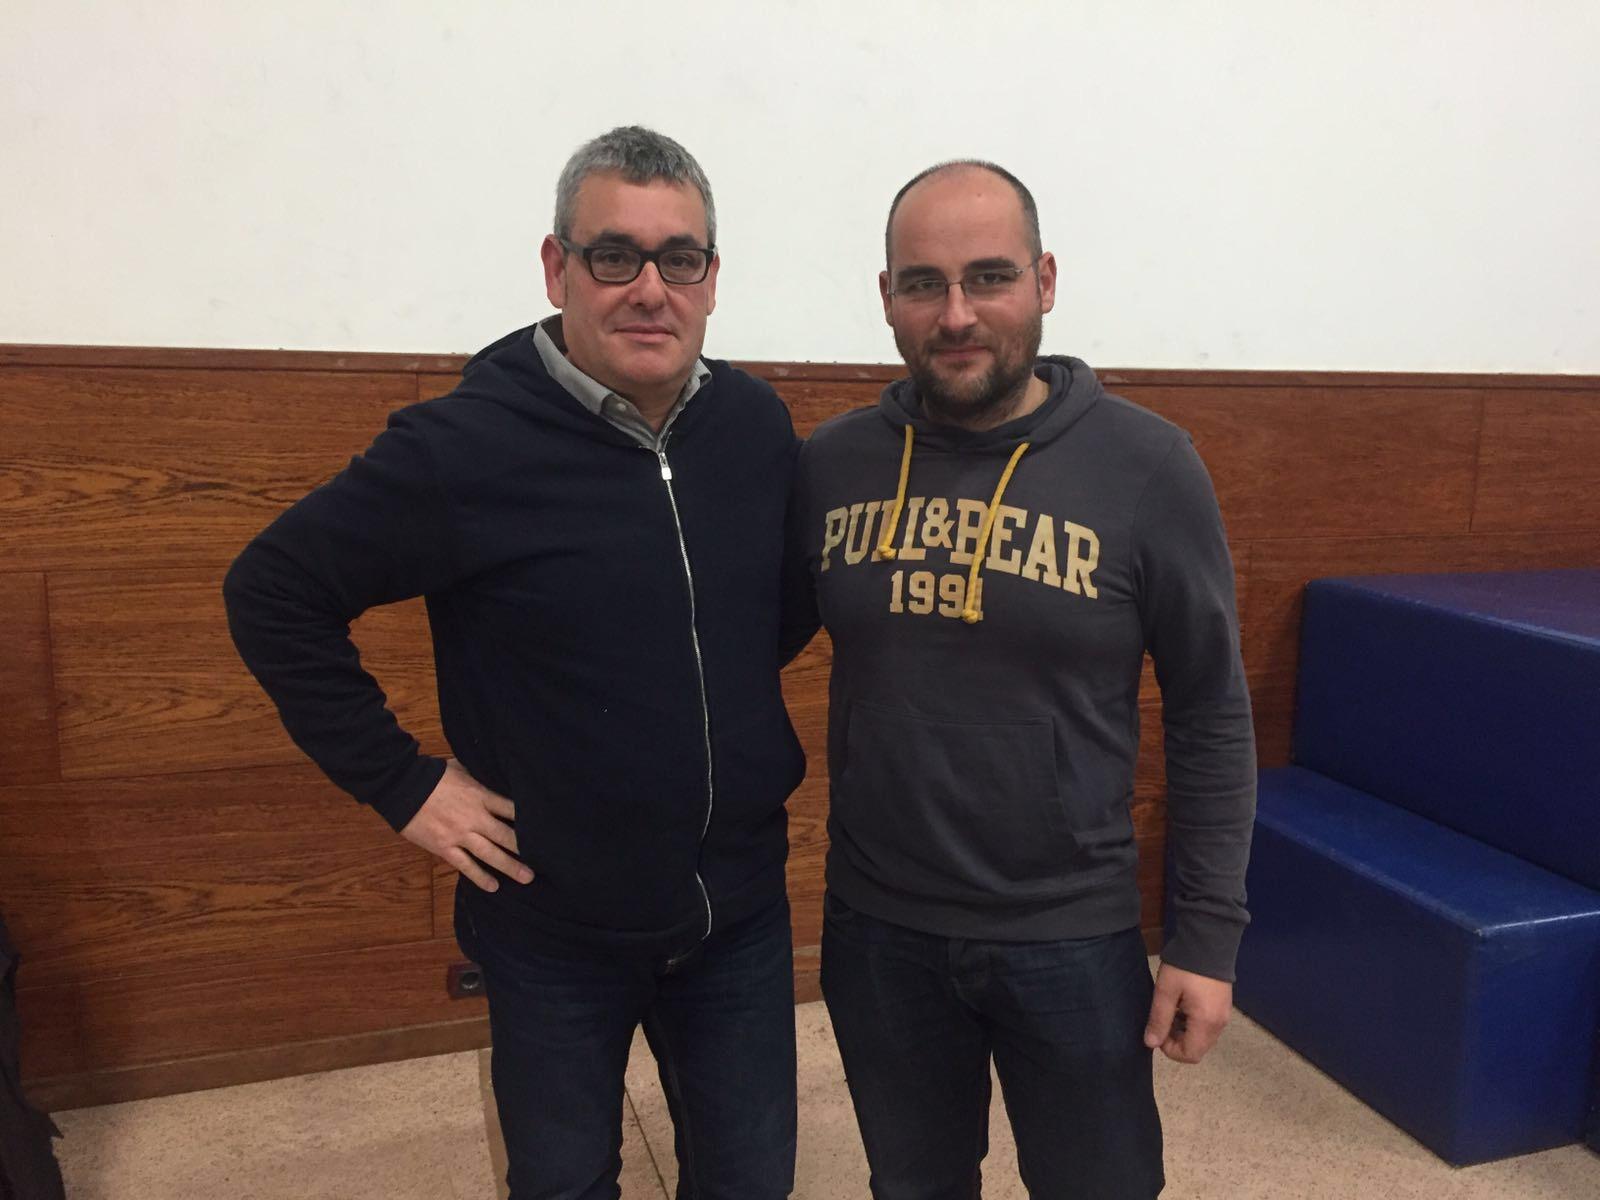 El president Lluís Monfort i el cap de colla Jonathan Lafuente, dels Xiquets del Serrallo. (Foto: Xiquets del Serrallo)